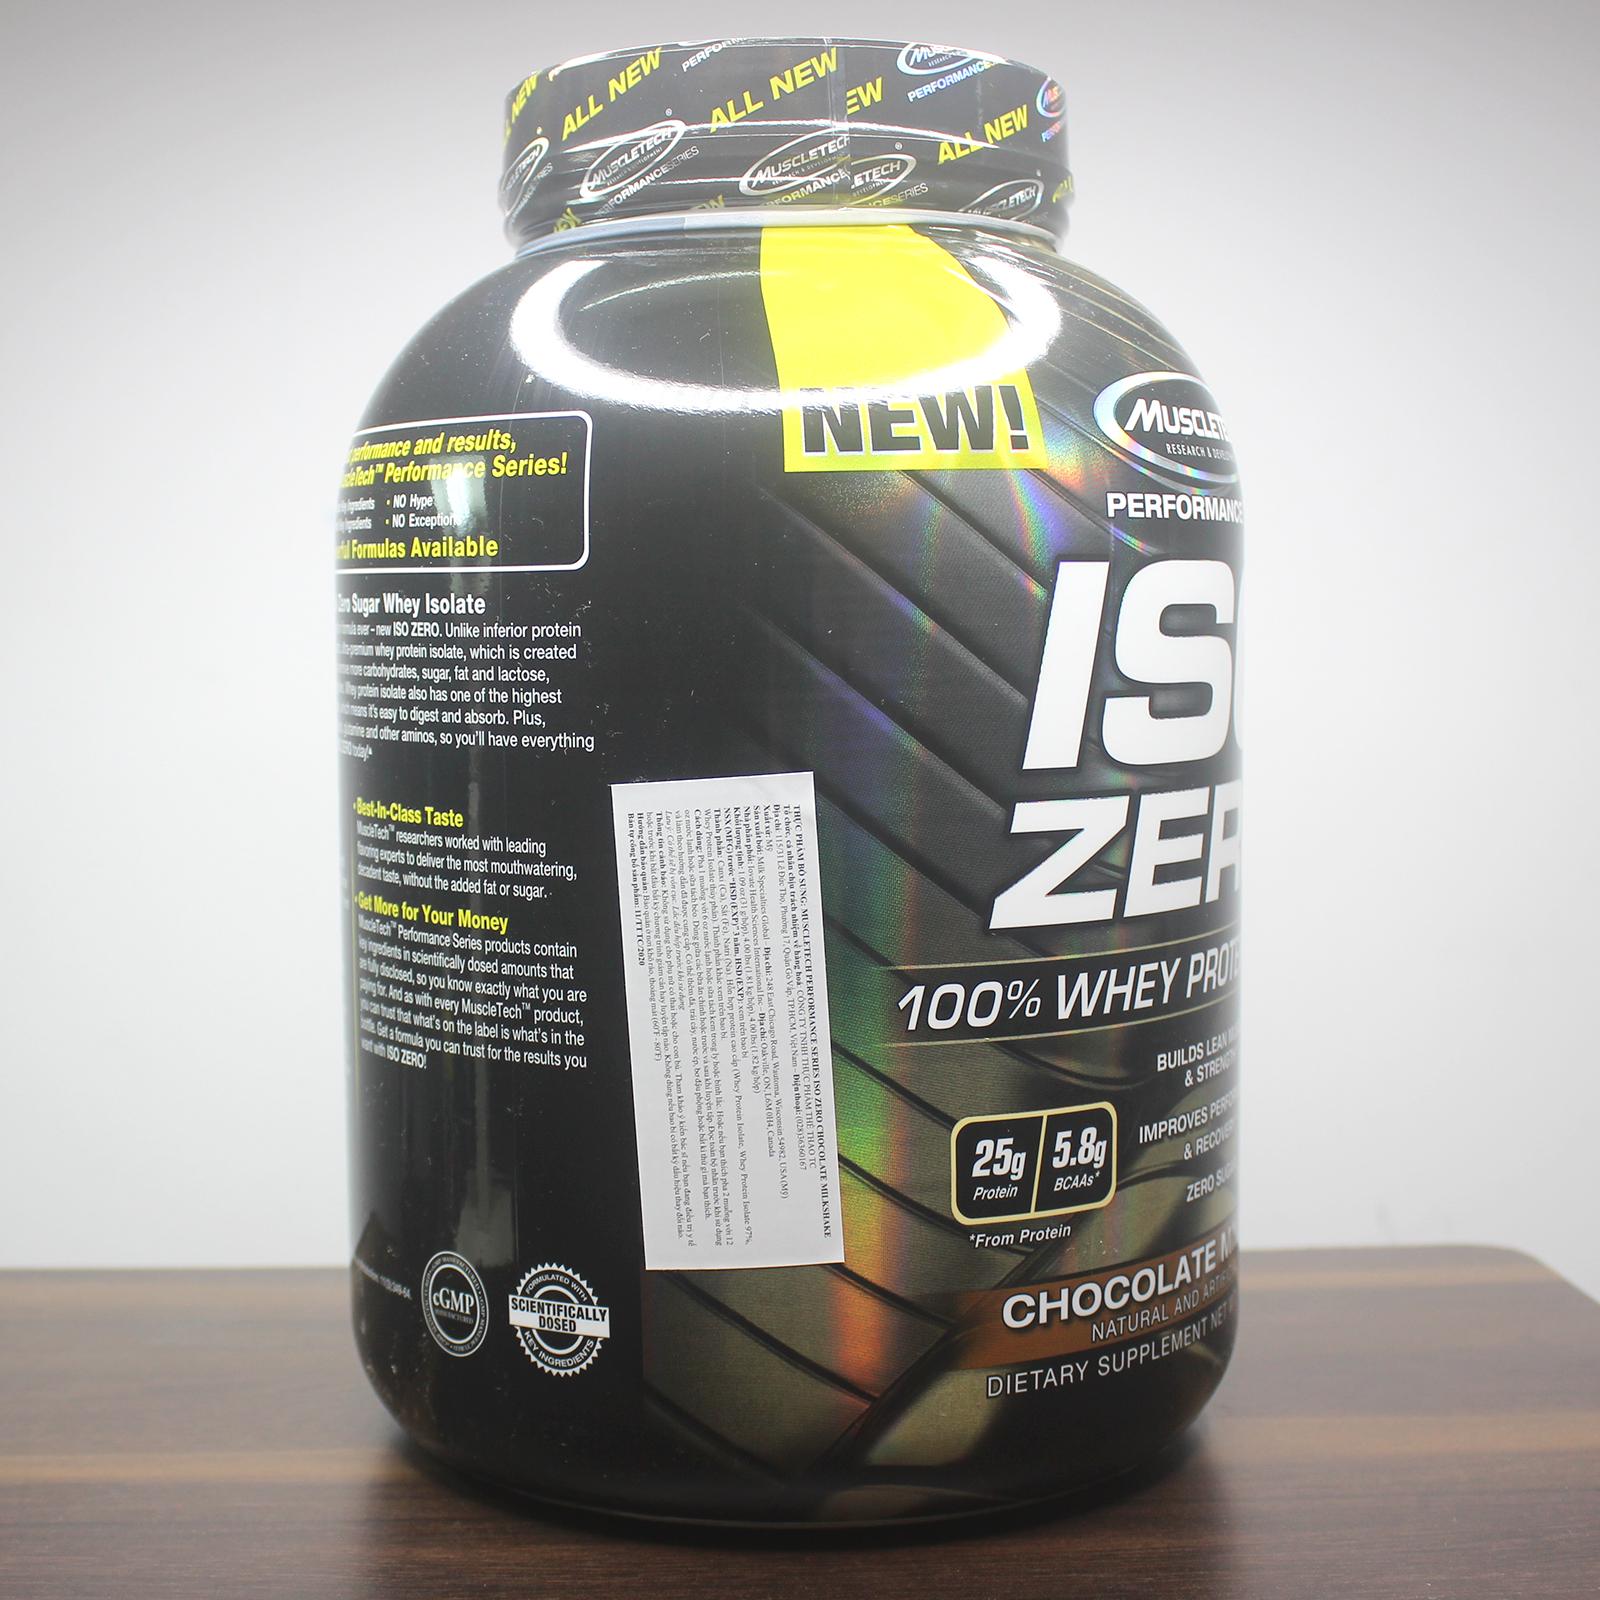 Combo Sữa tăng cơ giảm mỡ Iso Zero hương Chocolate hộp 4lbs & Pre Workout Vapor x5 hương Blue Razz hộp 30 lần dùng & Bình lắc 600ml (mẫu ngẫu nhiên) & Áo thun thể thao (size L 68-80kg)